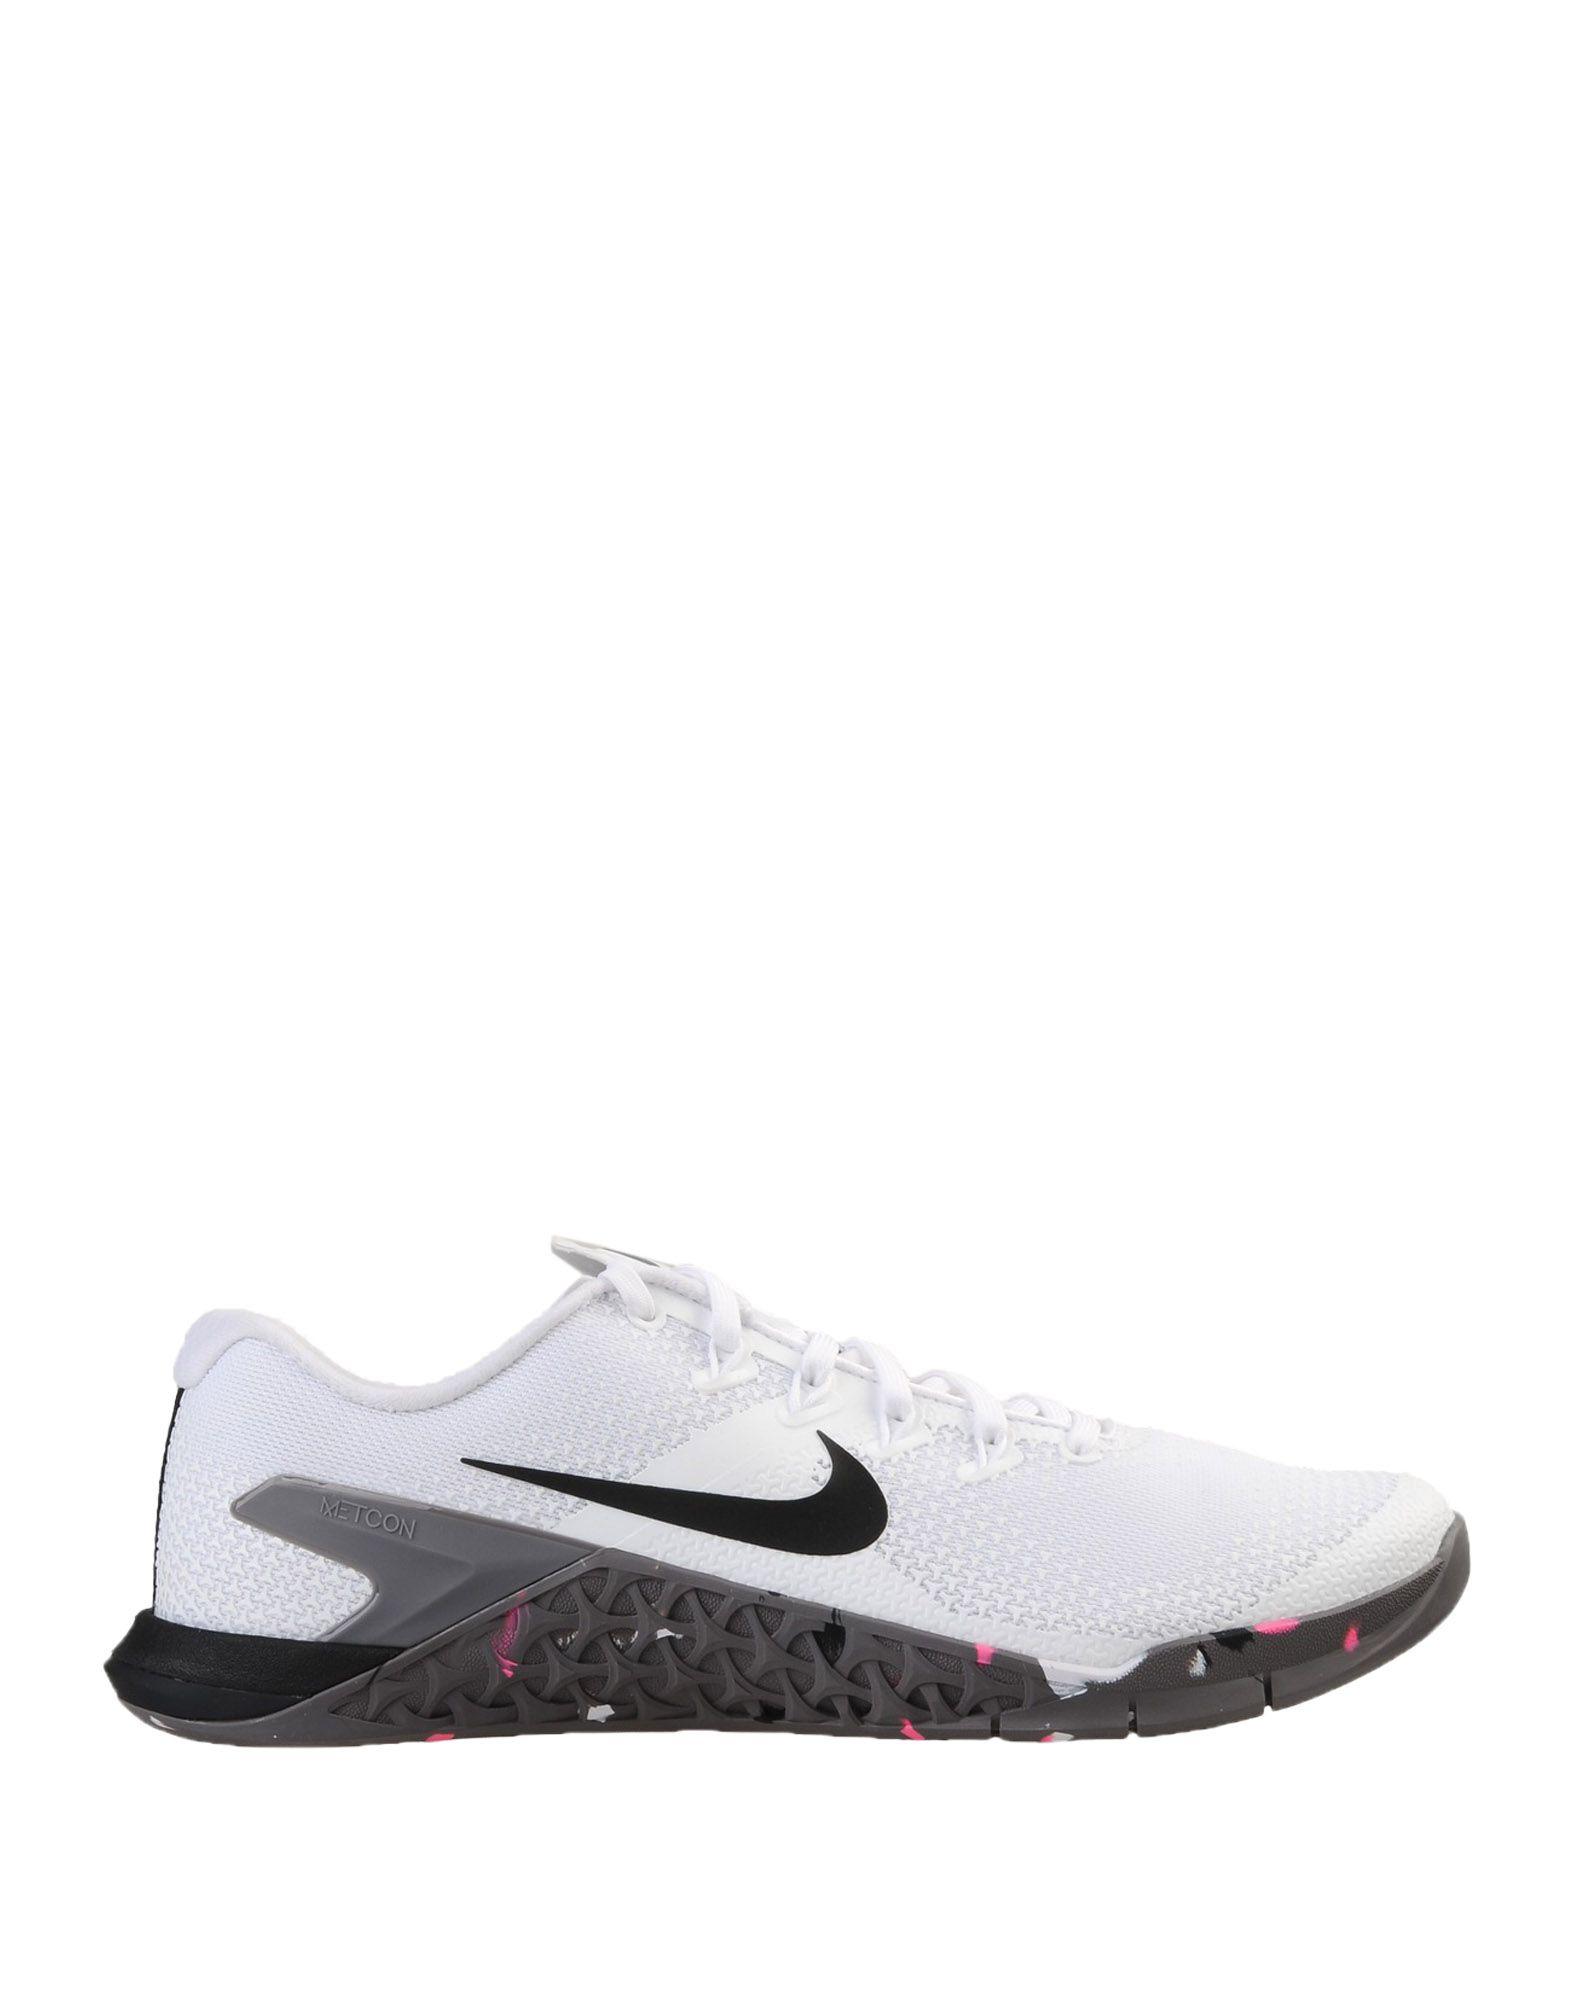 Scarpe da Ginnastica Nike   Metcon 4 - Donna - 11575199RU